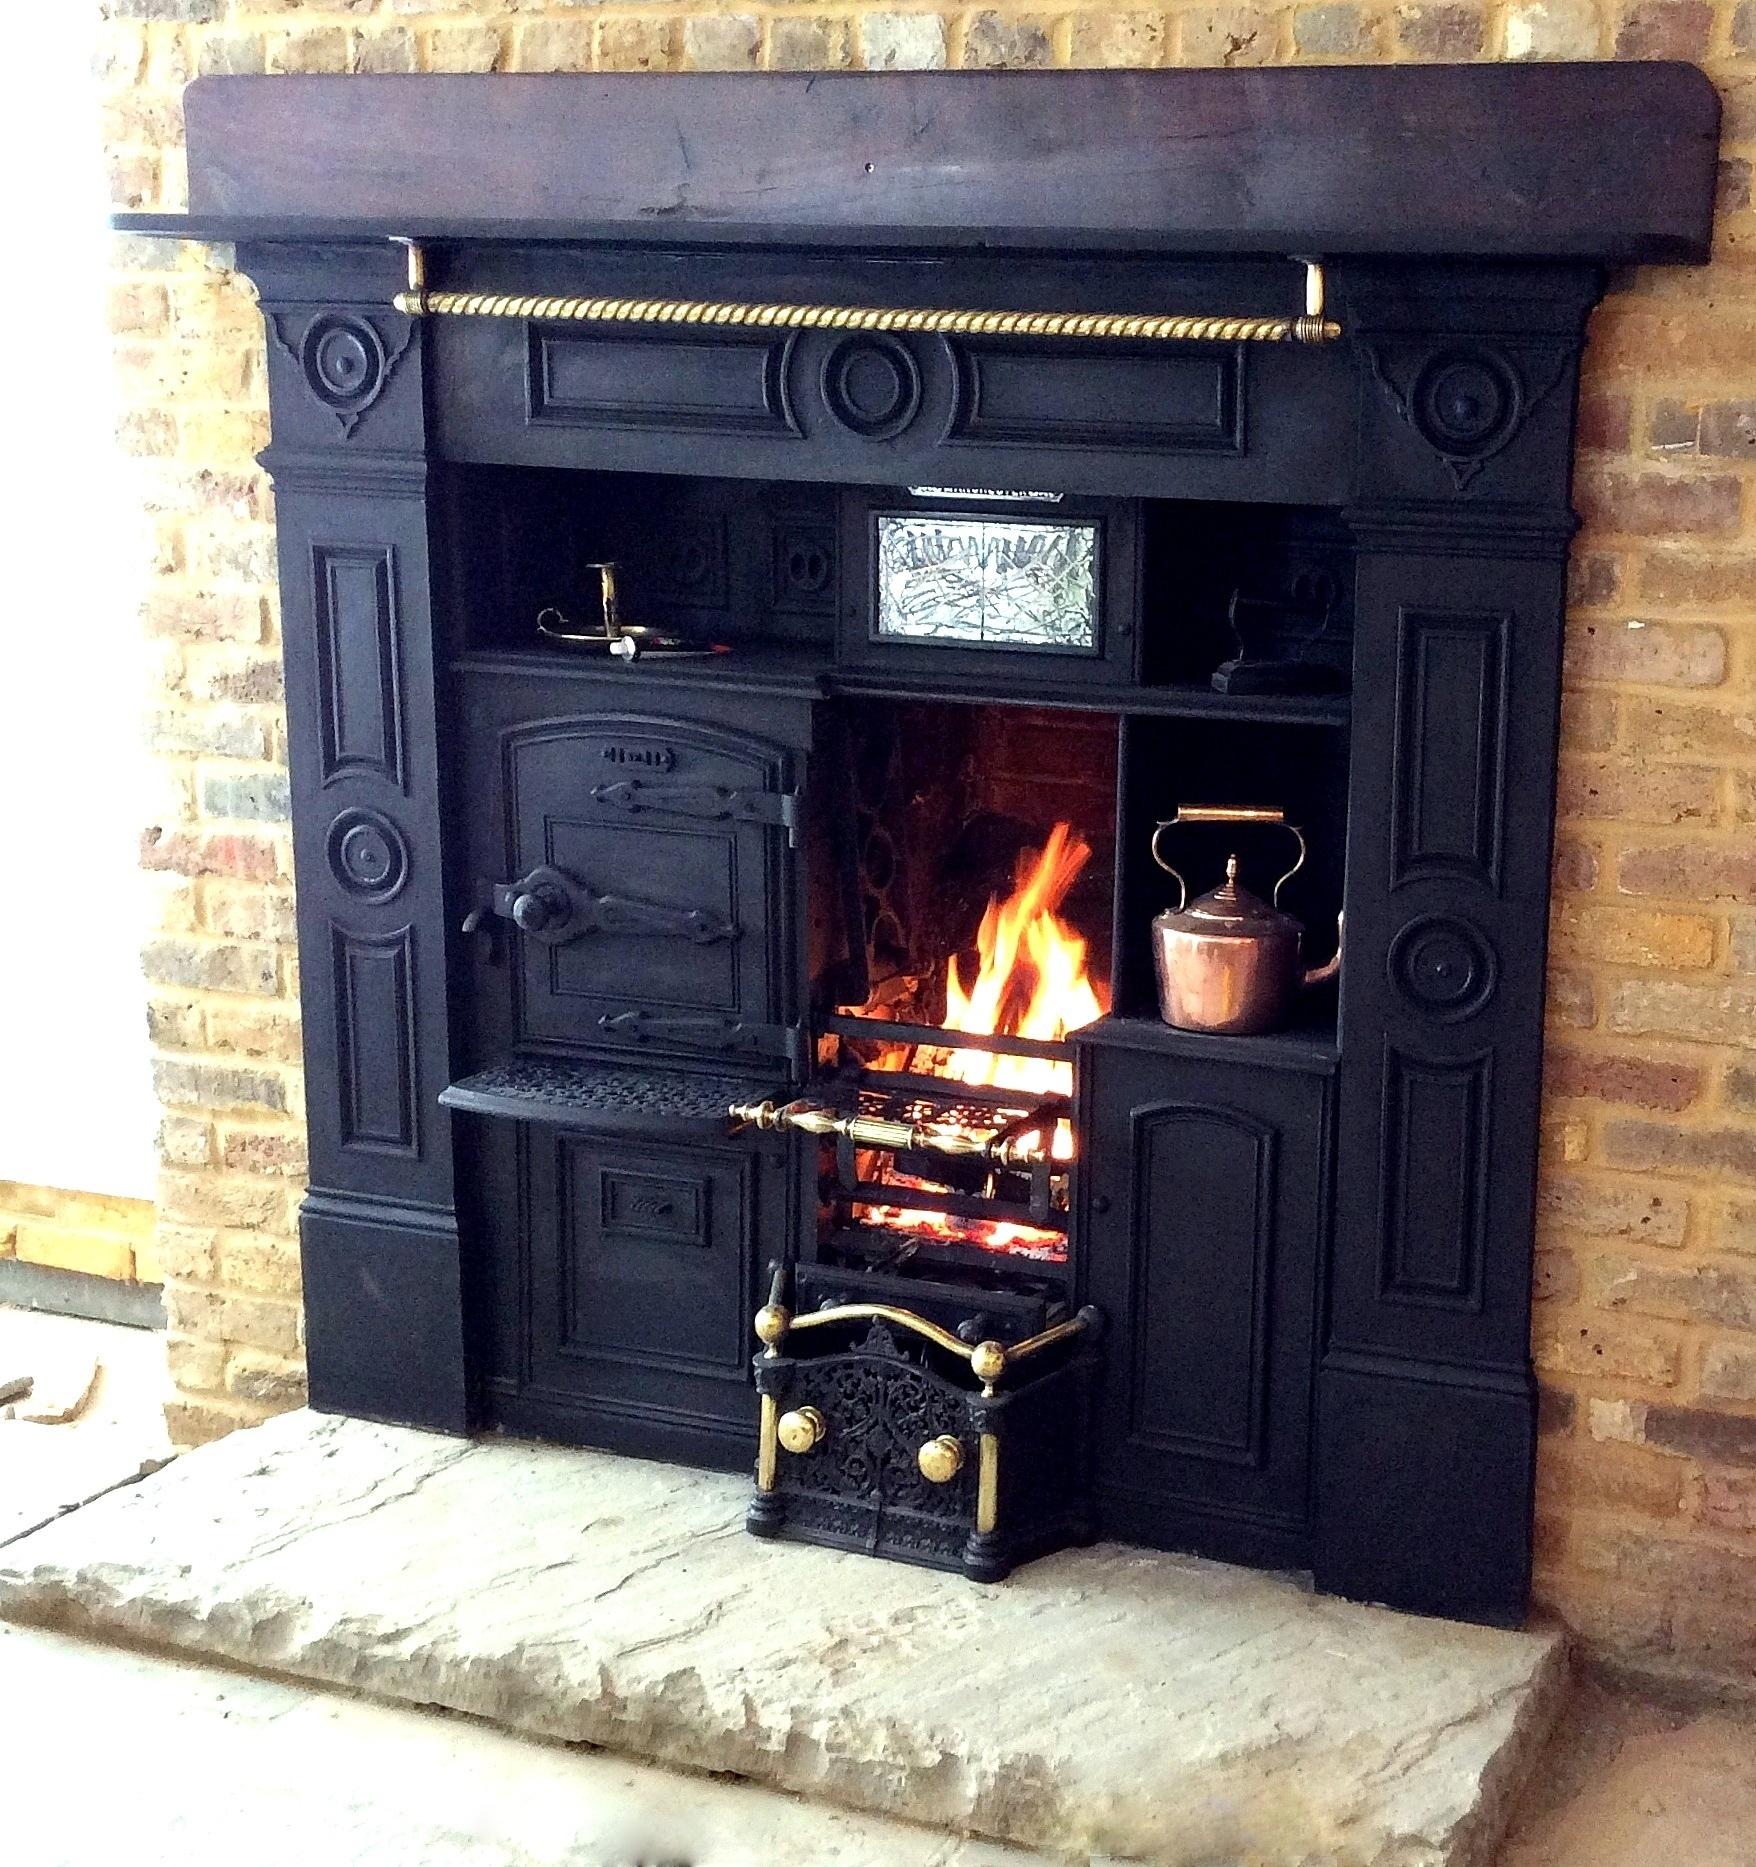 Antique Fireplaces Amp Ranges Cheshire Plus Wood Burning